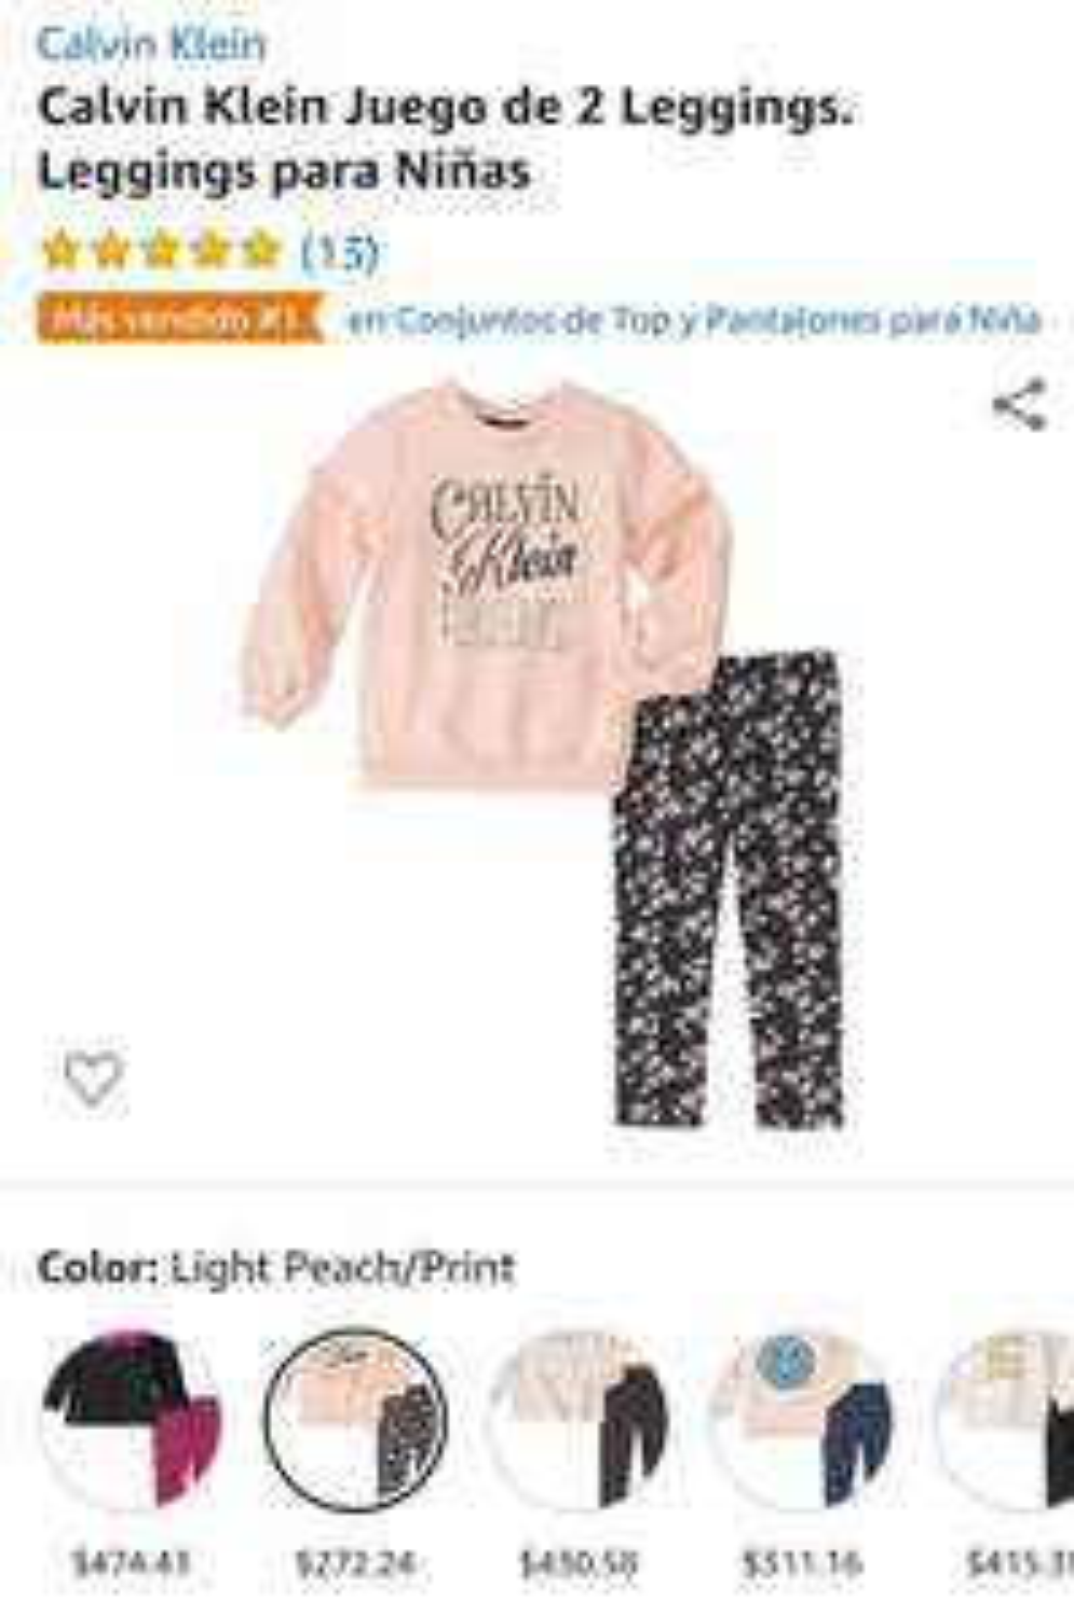 Amazon: Calvin Klein Juego de 2 Leggings. Leggings para Niñas